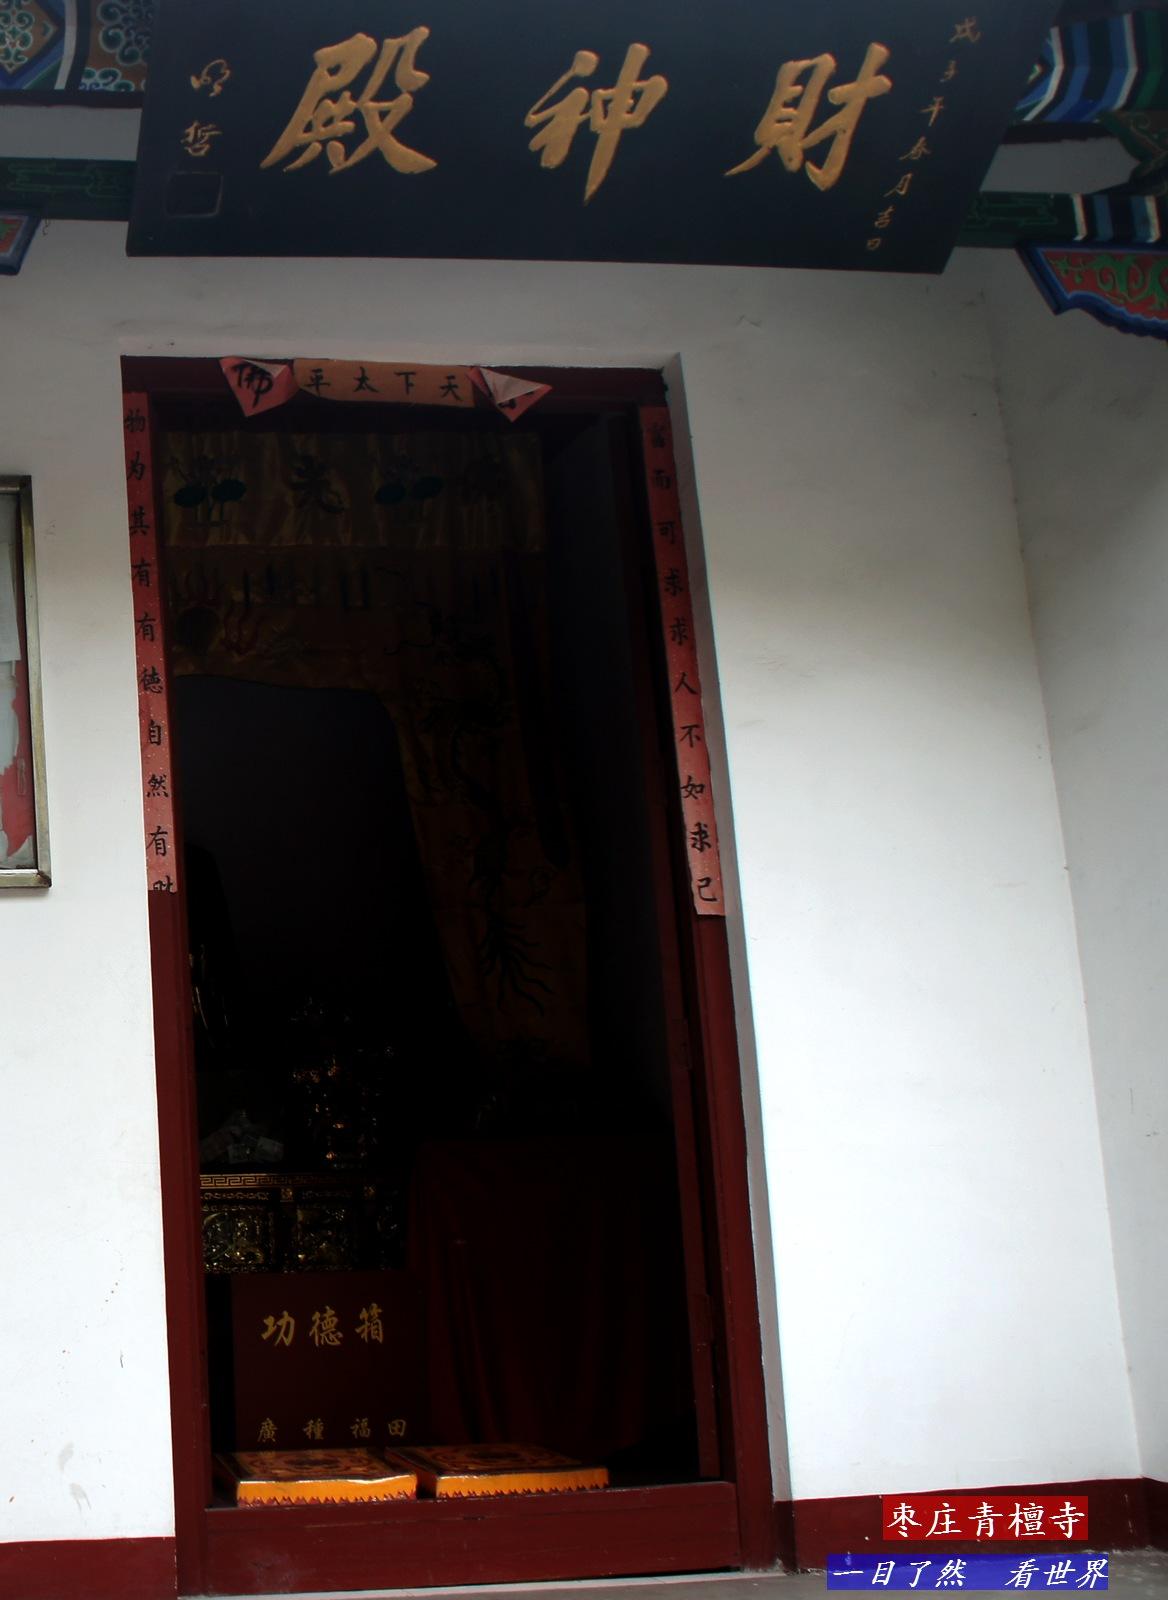 枣庄青檀寺-016-1600.jpg